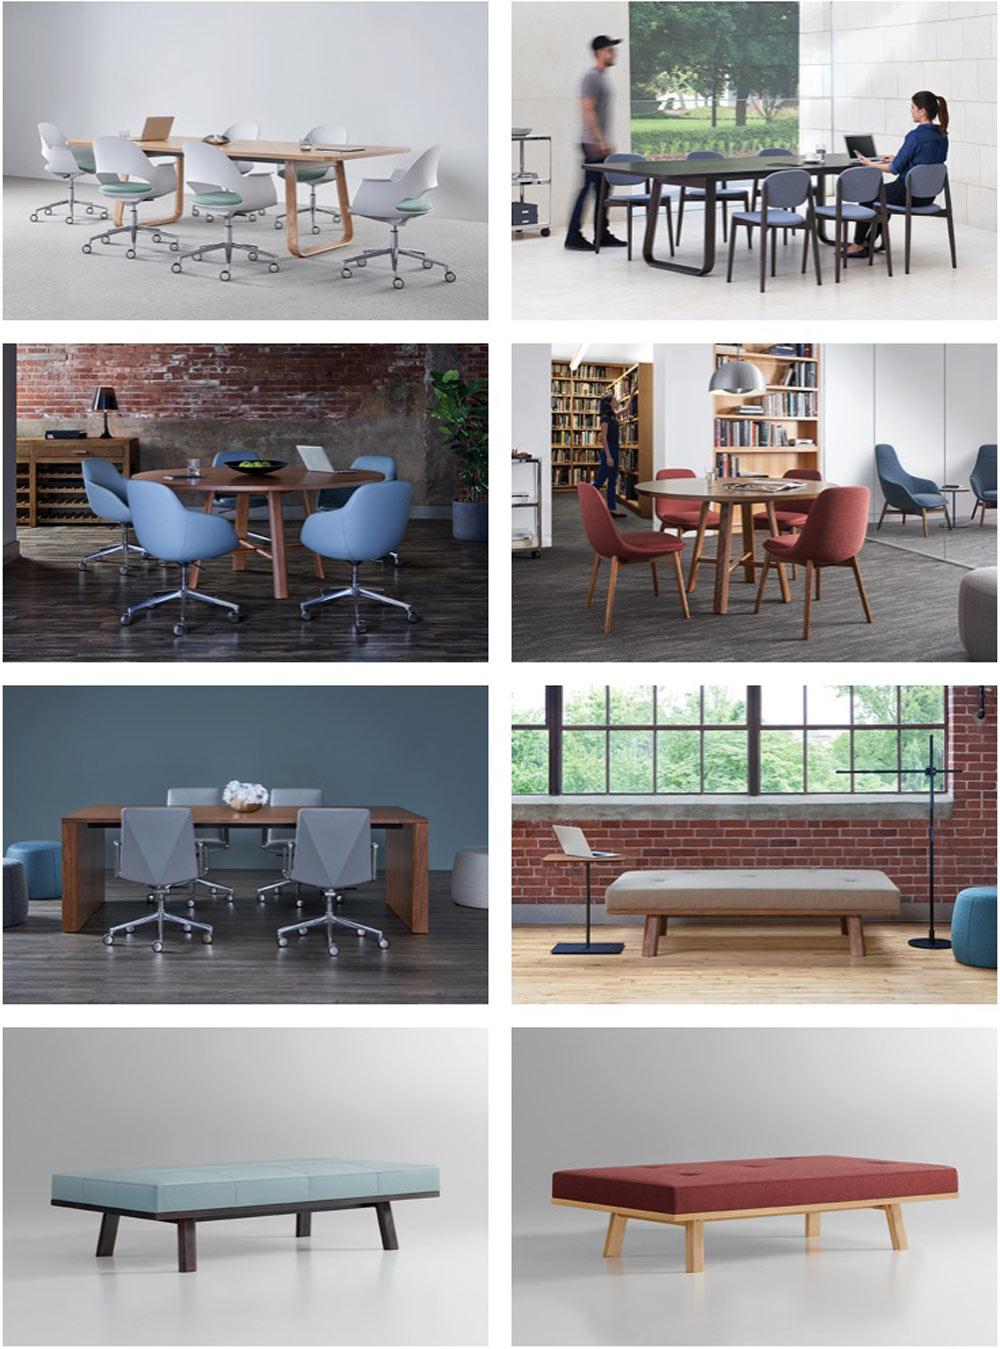 Raleigh Denim for Bernhardt Design, 2018